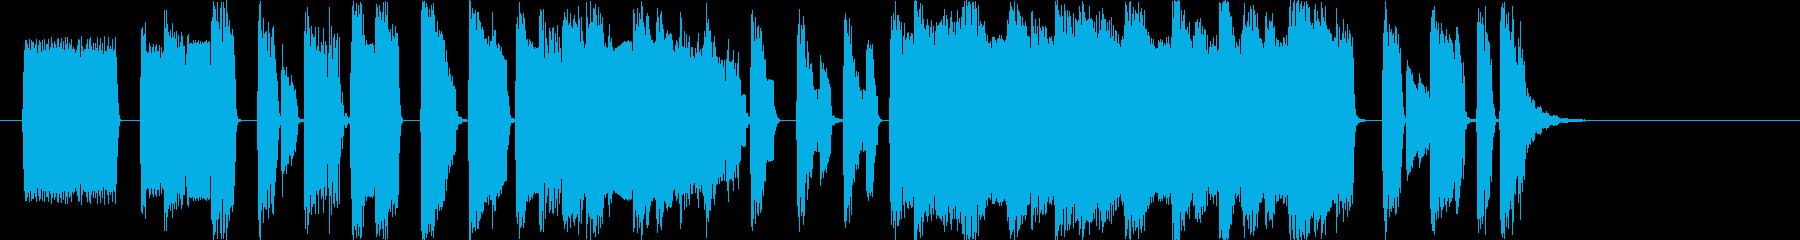 レトロなファミコン風マイナーBGMの再生済みの波形